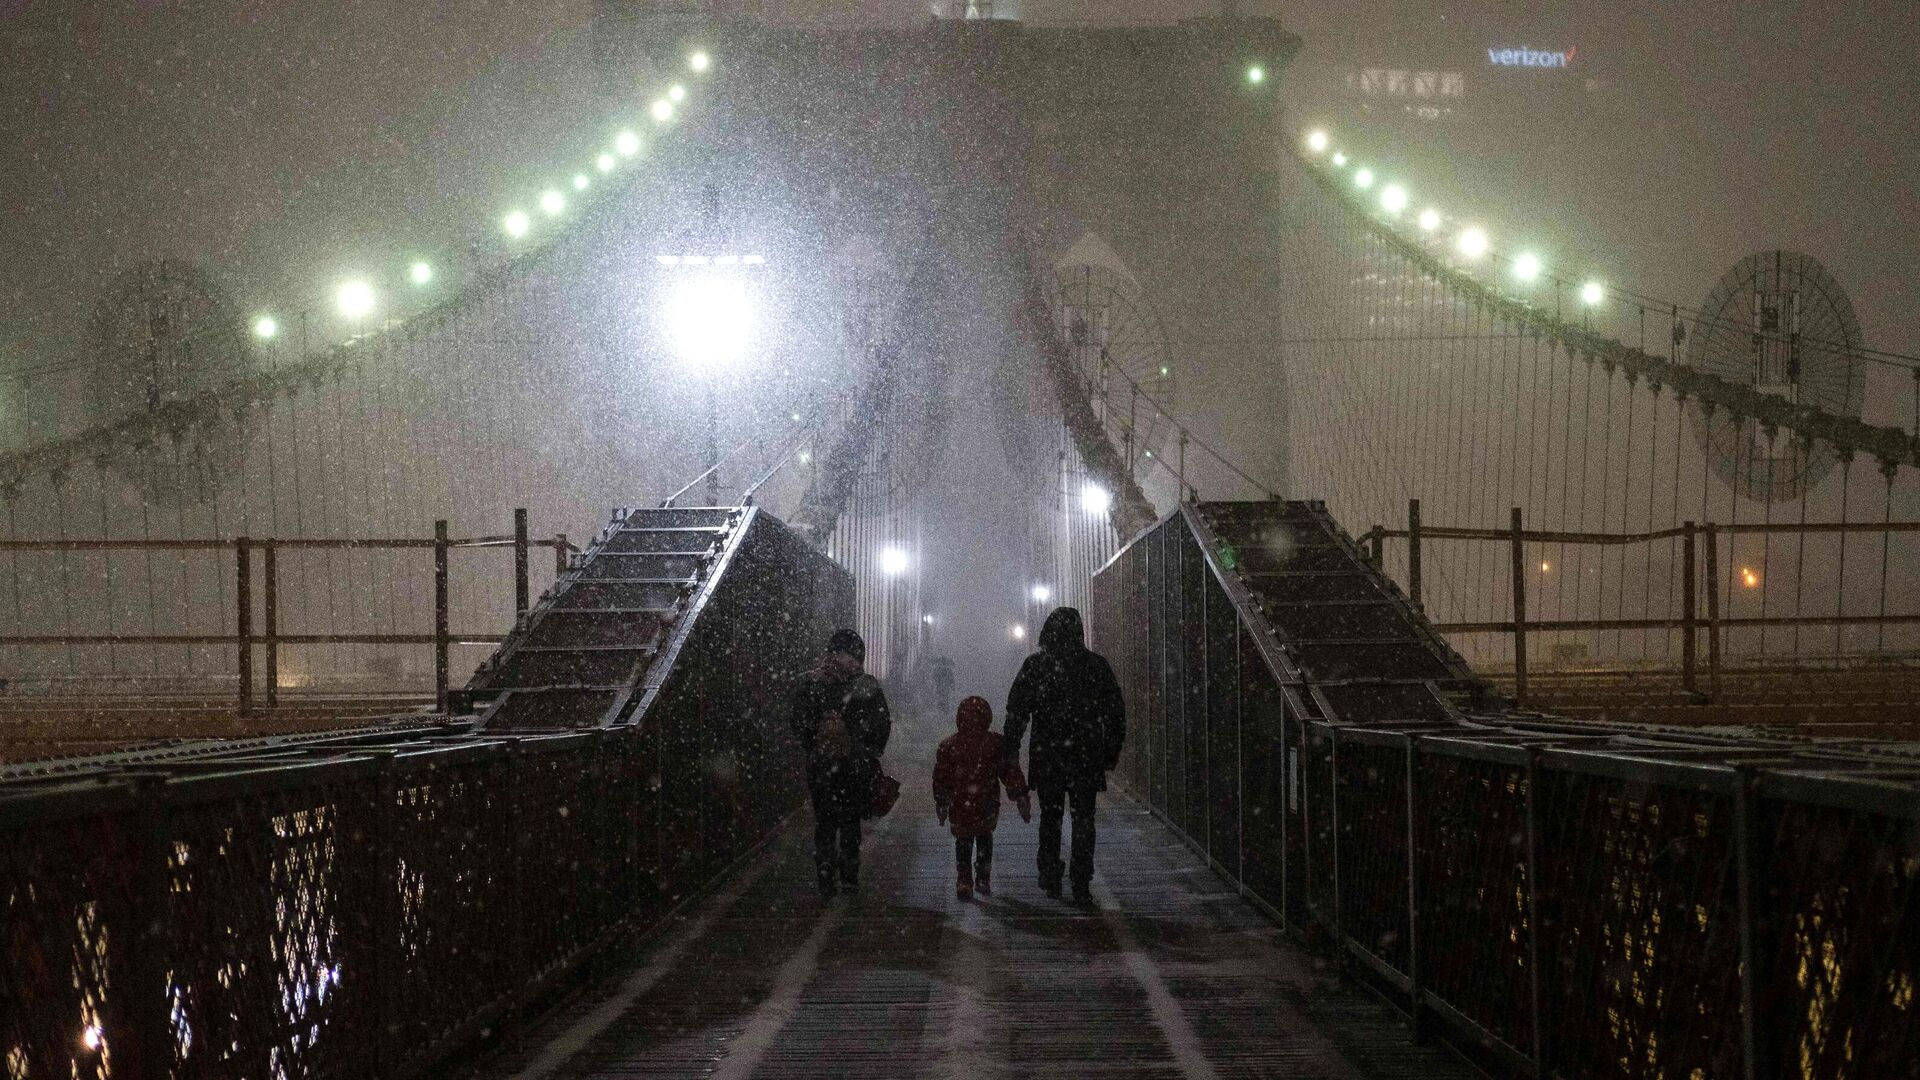 Семья идет по Бруклинскому мосту во время снегопада в Нью-Йорке - РИА Новости, 1920, 07.02.2021